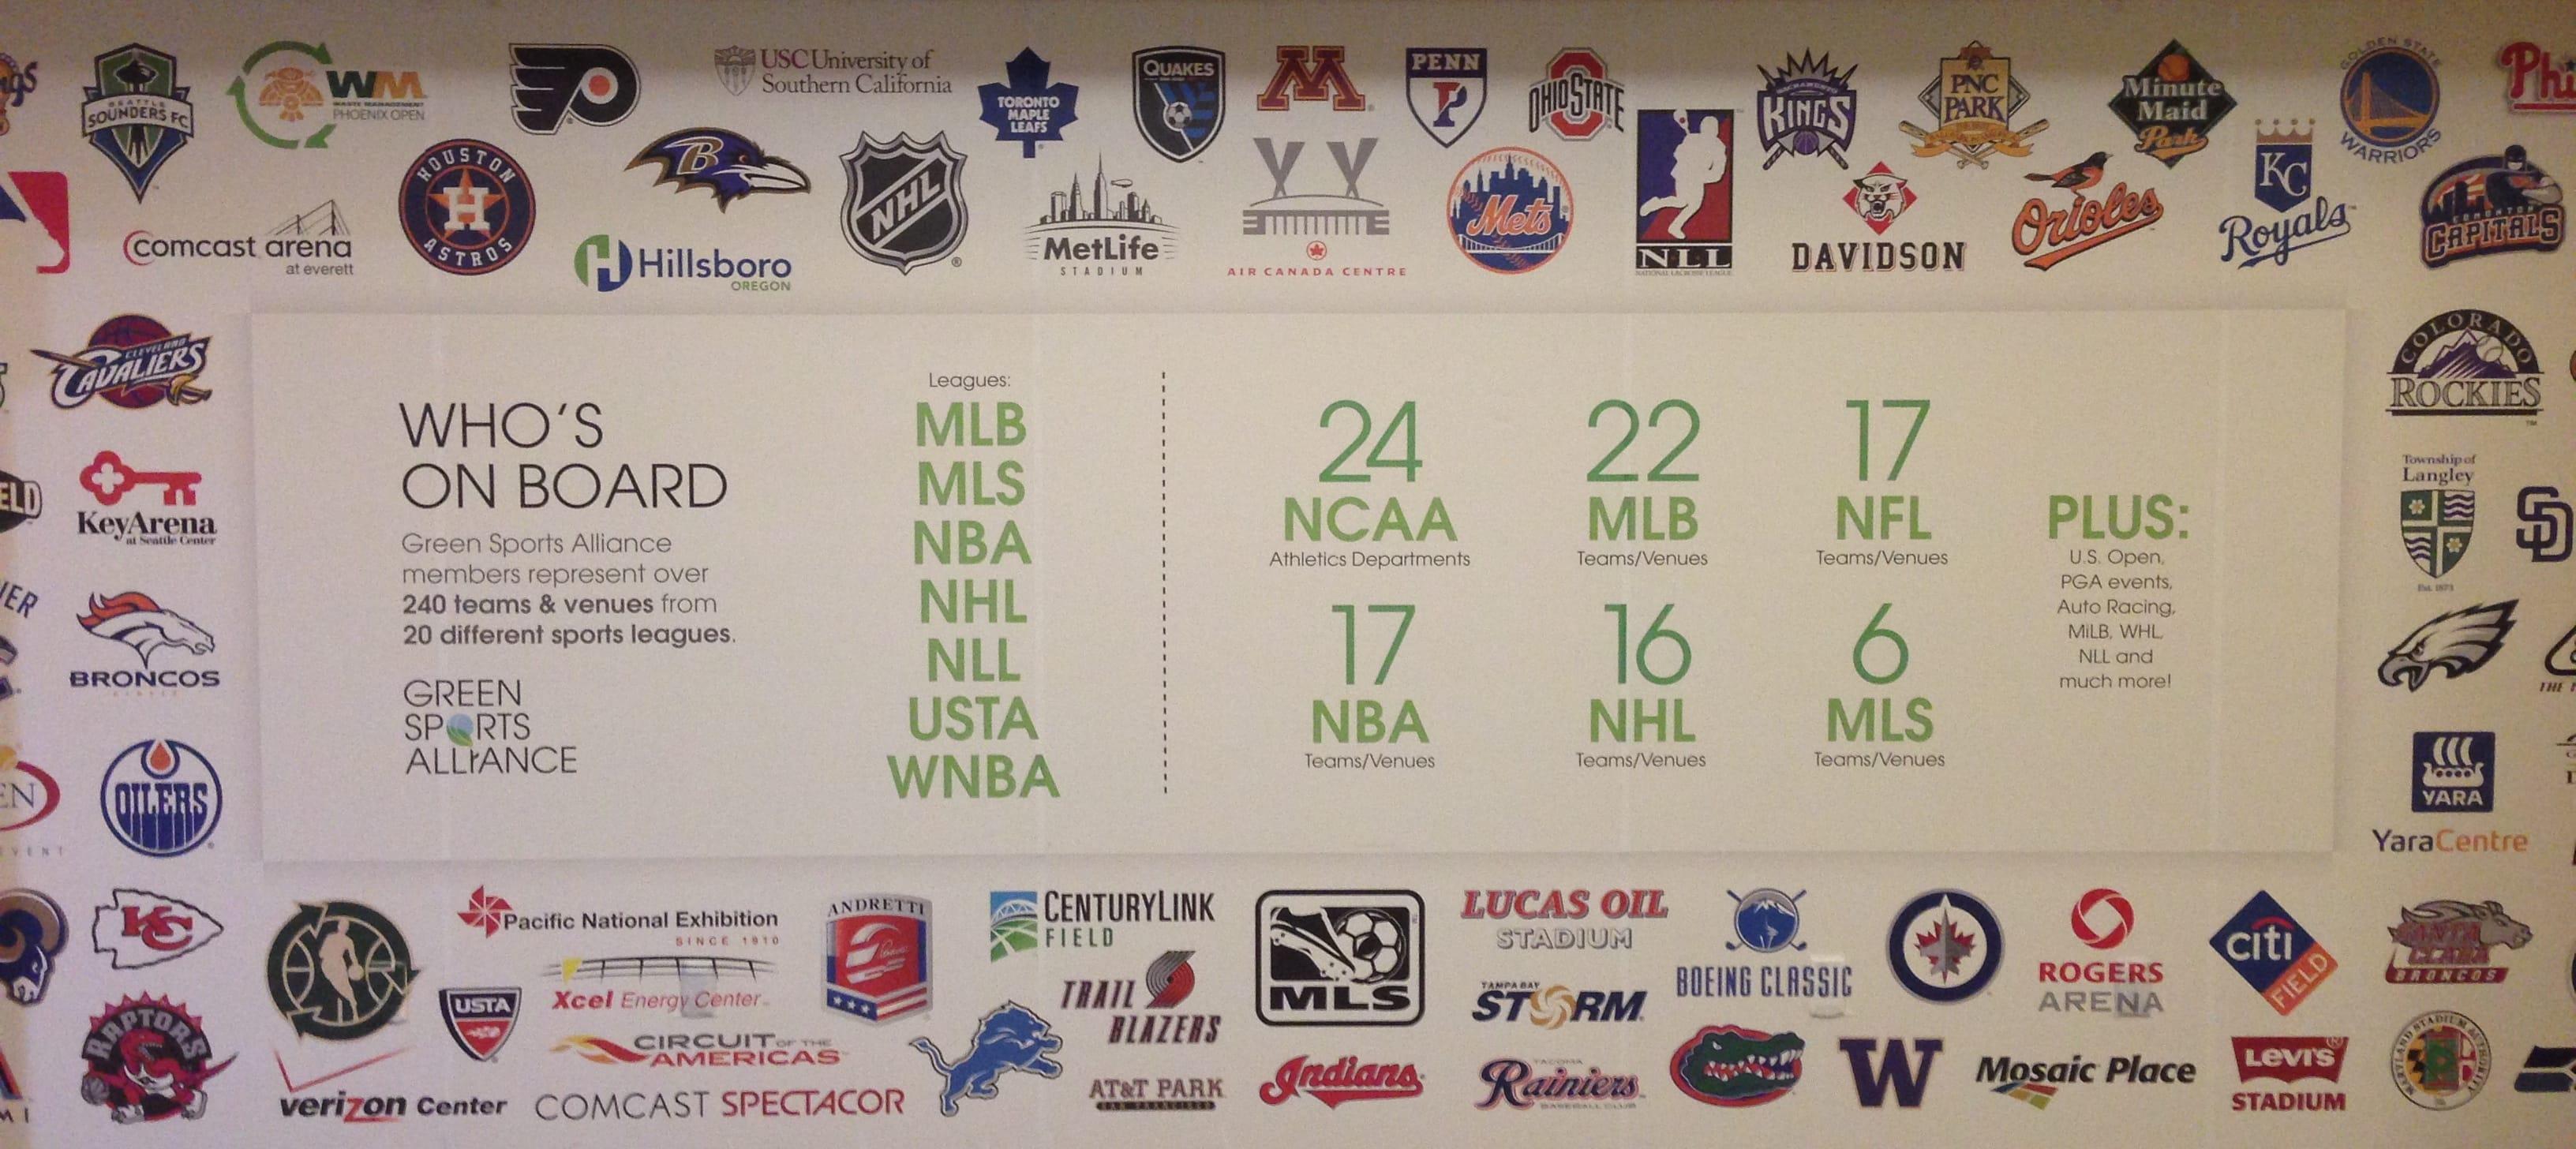 green sports alliance members tech